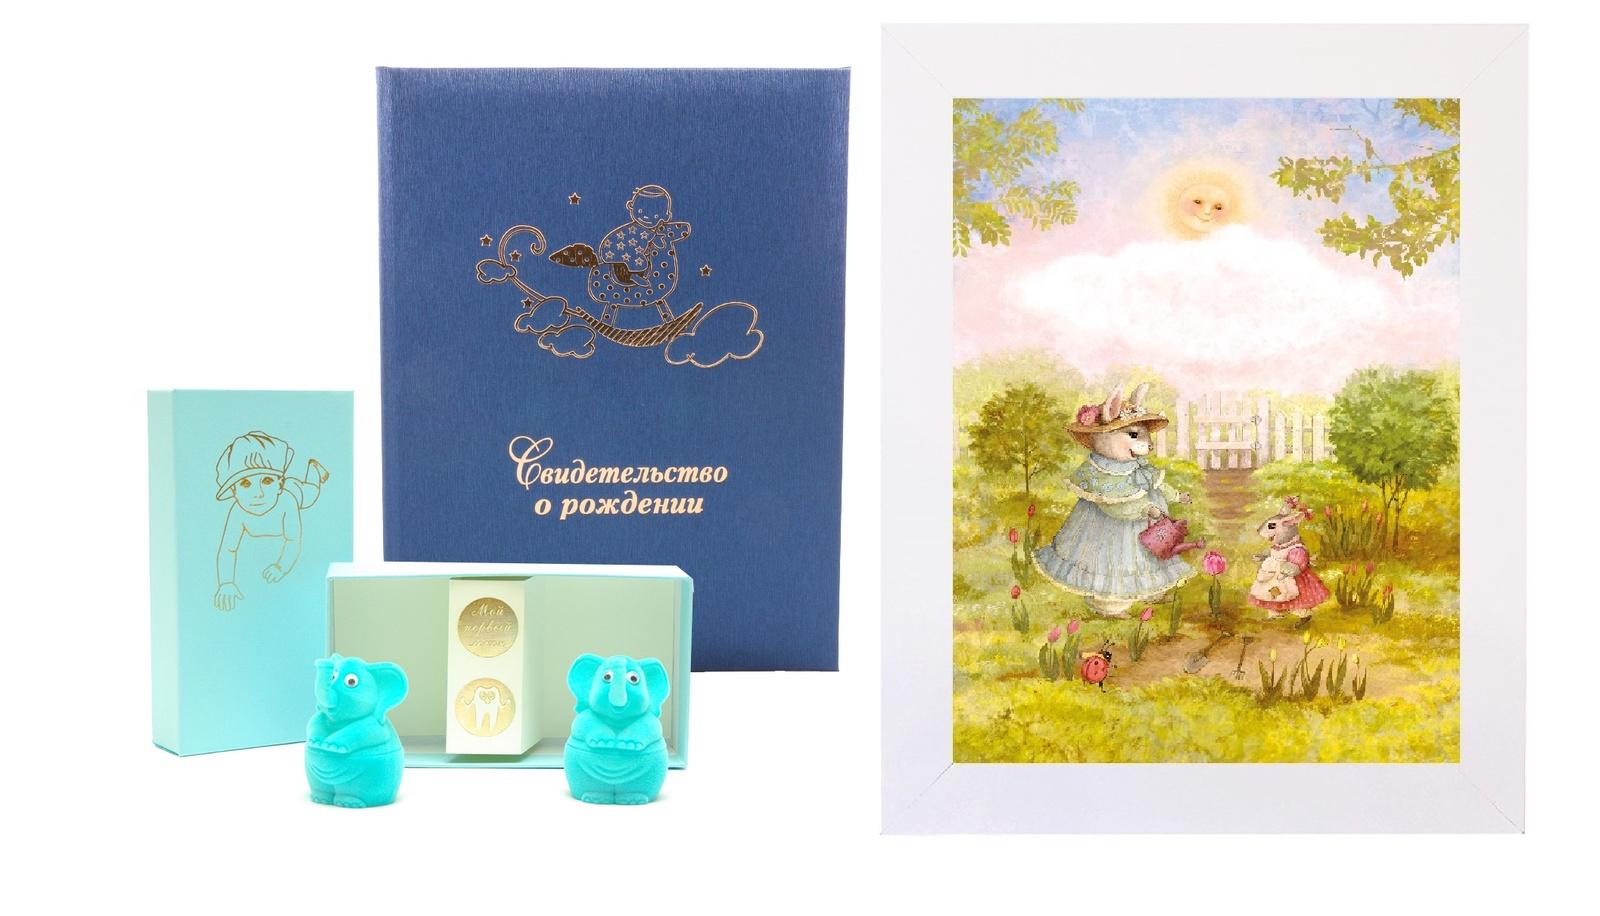 """Подарочный набор детский Dream Service GS-3s, 8013 синий, голубой, желтый8013Подарочный комплект для молодых Мам и Пап.В комплект входят: обложка для бережного хранения свидетельства о рождении, рамка с красивым принтом и коробочка """"Мамины сокровища"""".""""Мамины сокровища"""" - коробочка с вложенными шкатулками для бережного хранения: первого зубика и первого локона Вашего любимого малыша. Коробочка из плотного картона с тиснённым золотом """"Малышом"""". Бархатные шкатулки оригинальной формы выполнены из пластика, покрытого мягким флоком.Размер рамки составляет 21х30 см.Обложка изготовлена из материала """"Tangо"""" и декорирована вручную золотым тиснением не только сохранит свидетельство о рождении в целости, но и украсит Ваш домашний интерьер."""